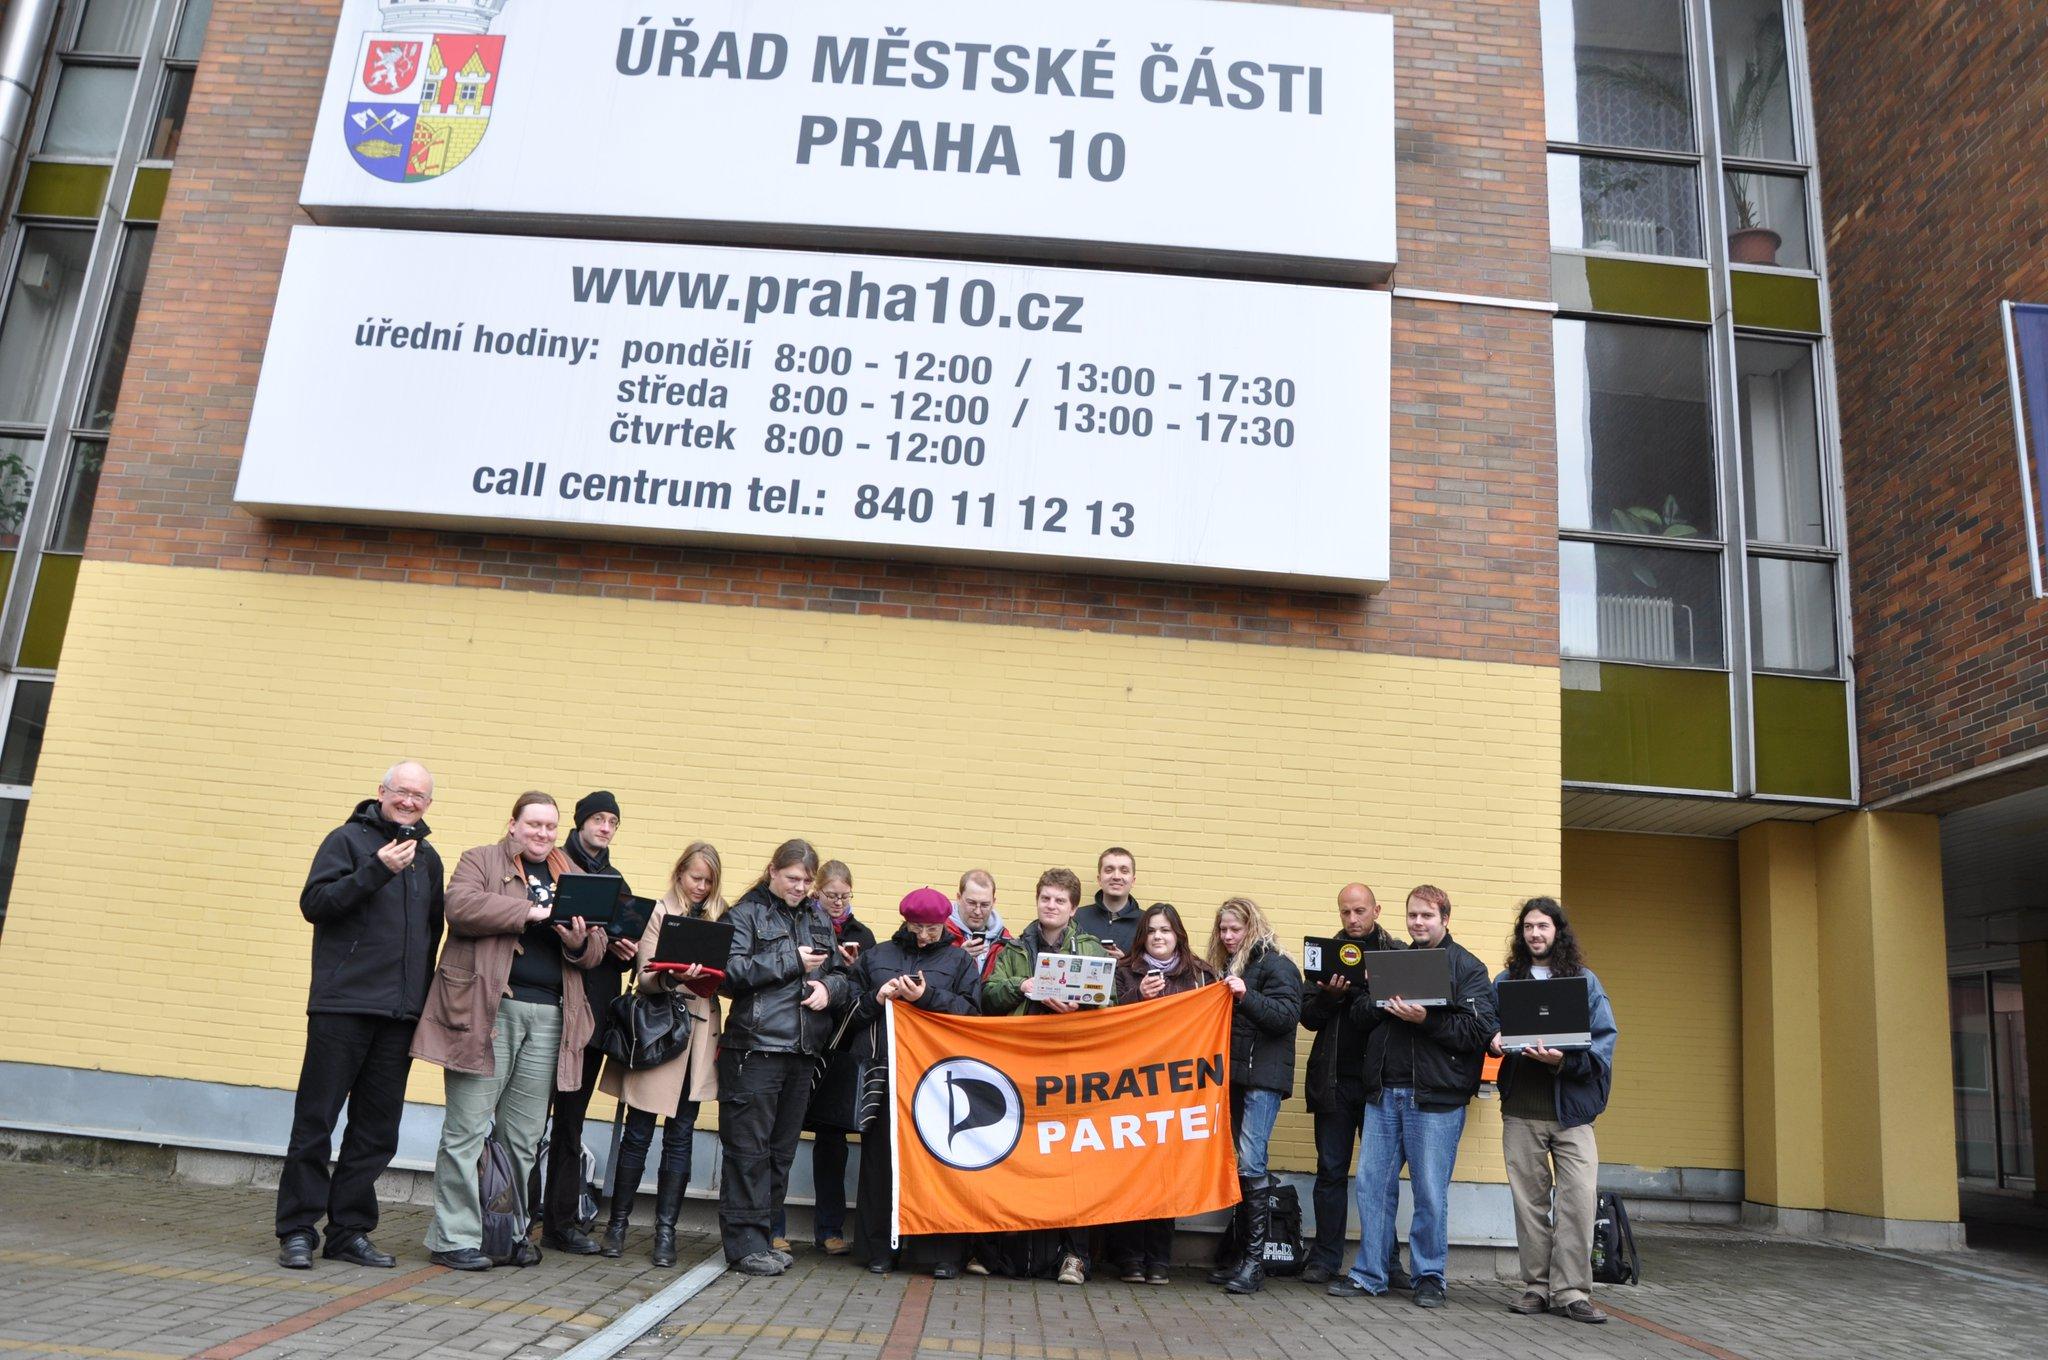 15 Piraten surfen einfach so ohne störende Haftung durch das Freinetz der Stadtverwaltung Prag10